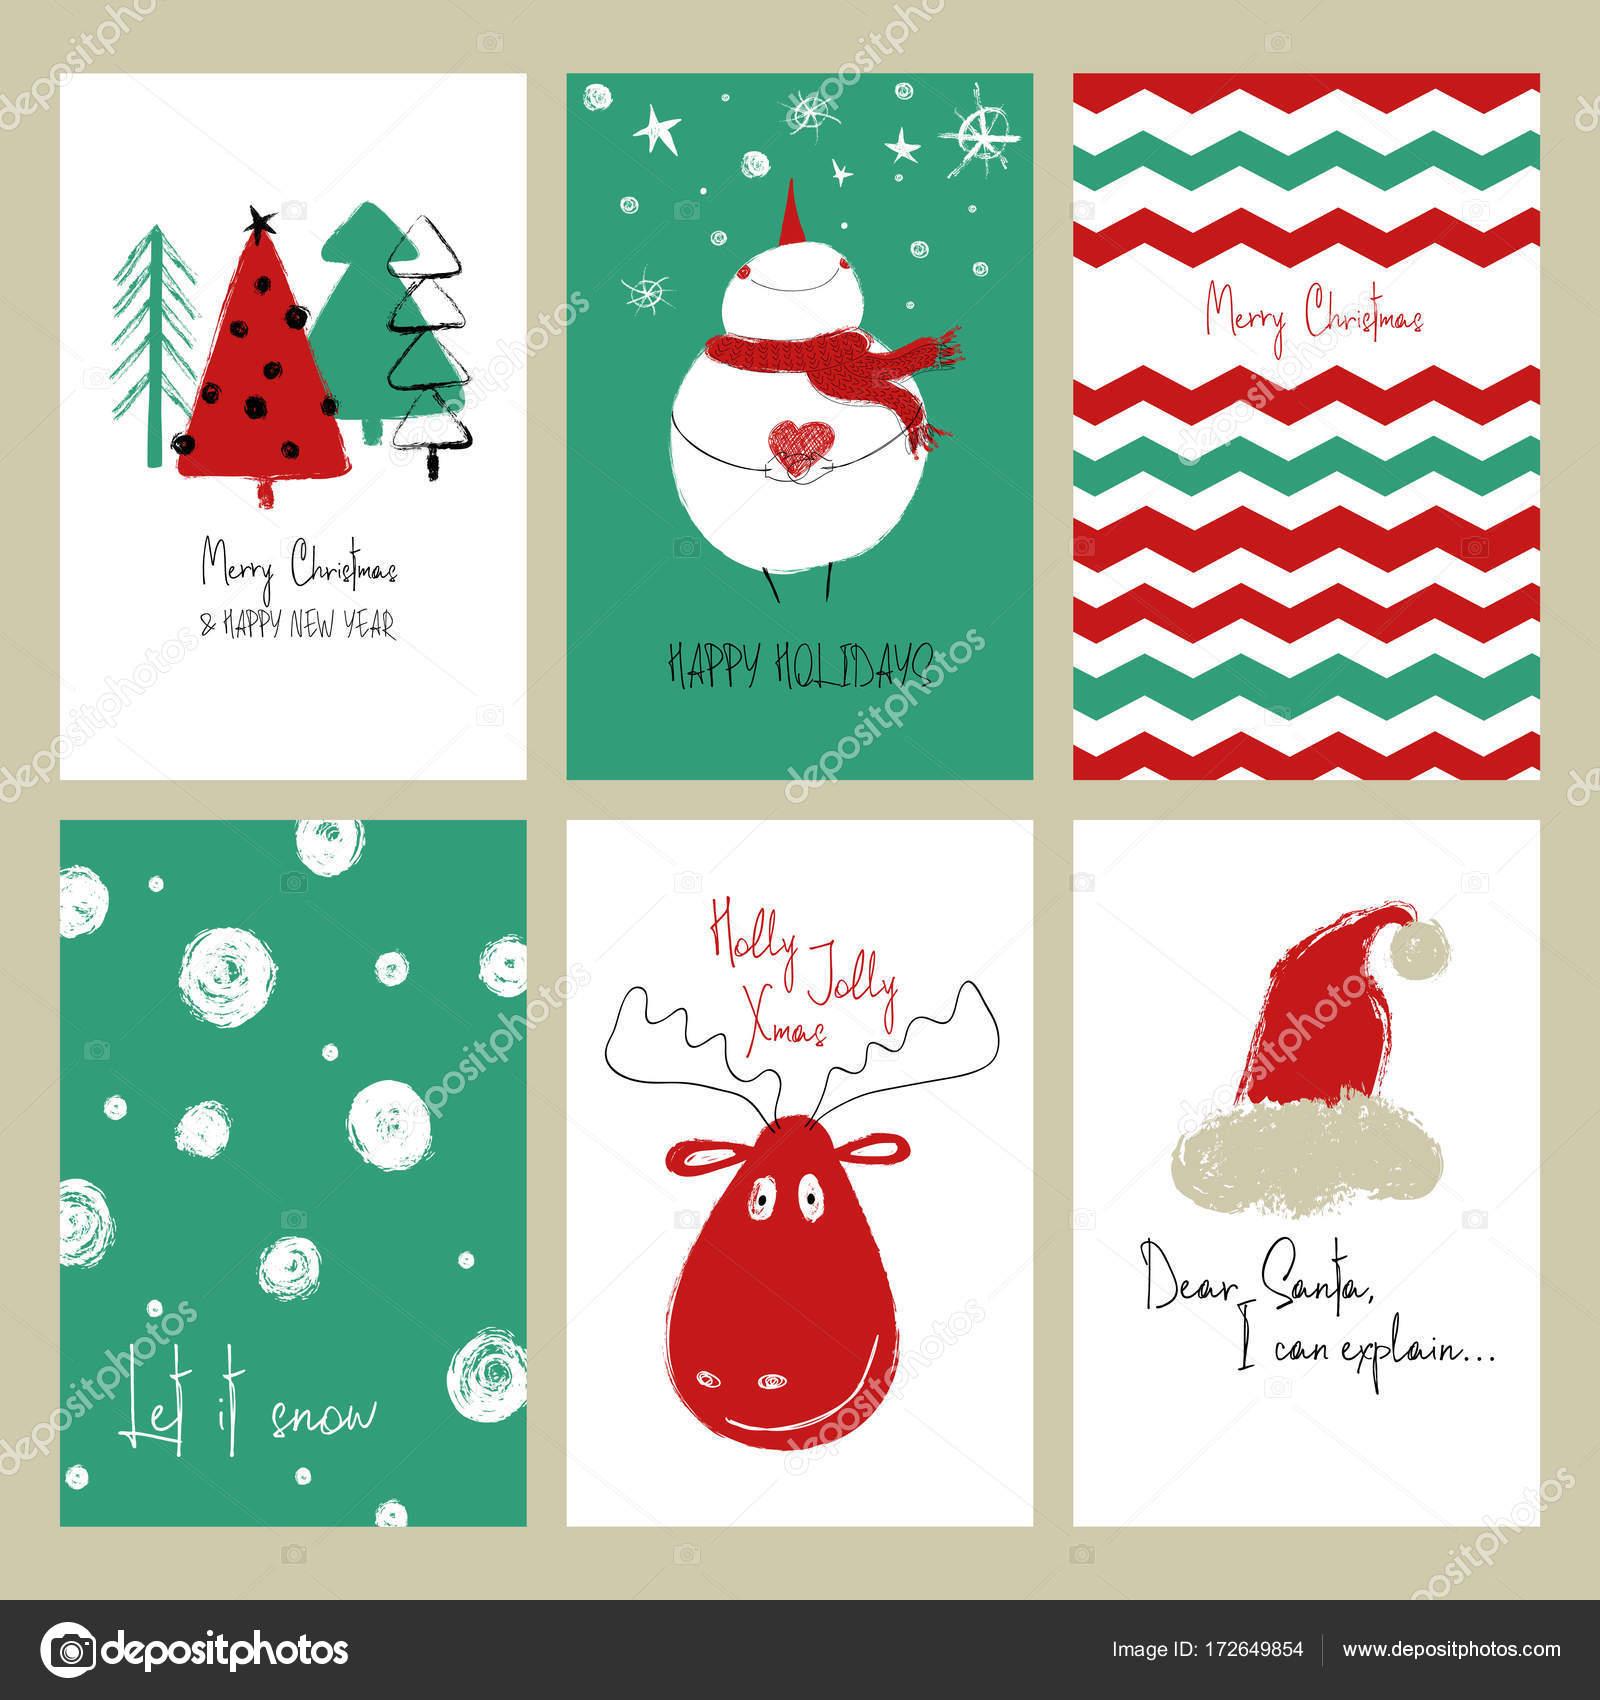 Biglietti Di Natale Divertenti.Set Di Cartoline Di Natale Divertenti Vettoriali Stock C Annykos